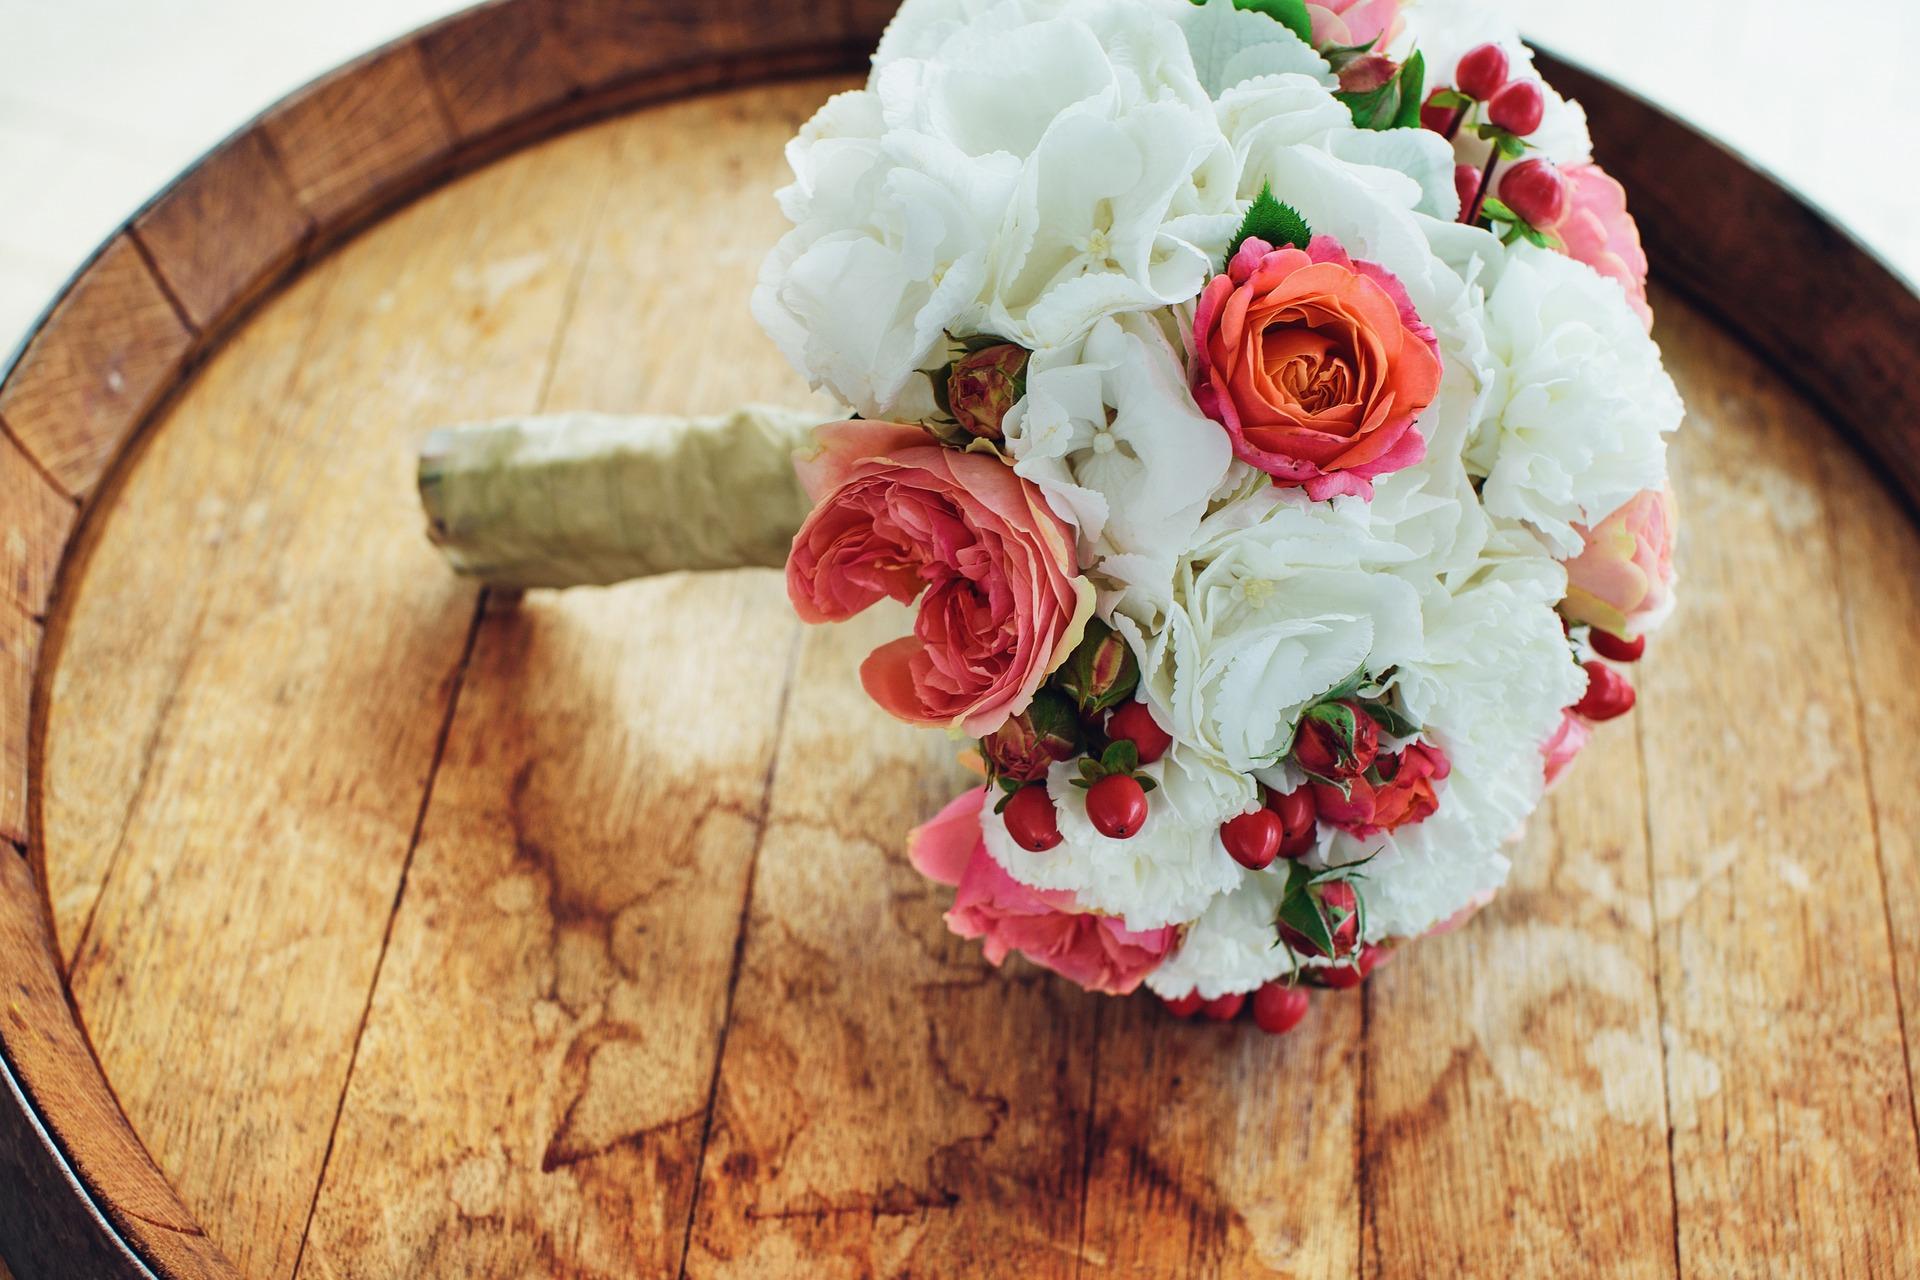 結婚式の会場装花・フラワーアイテムの市場規模